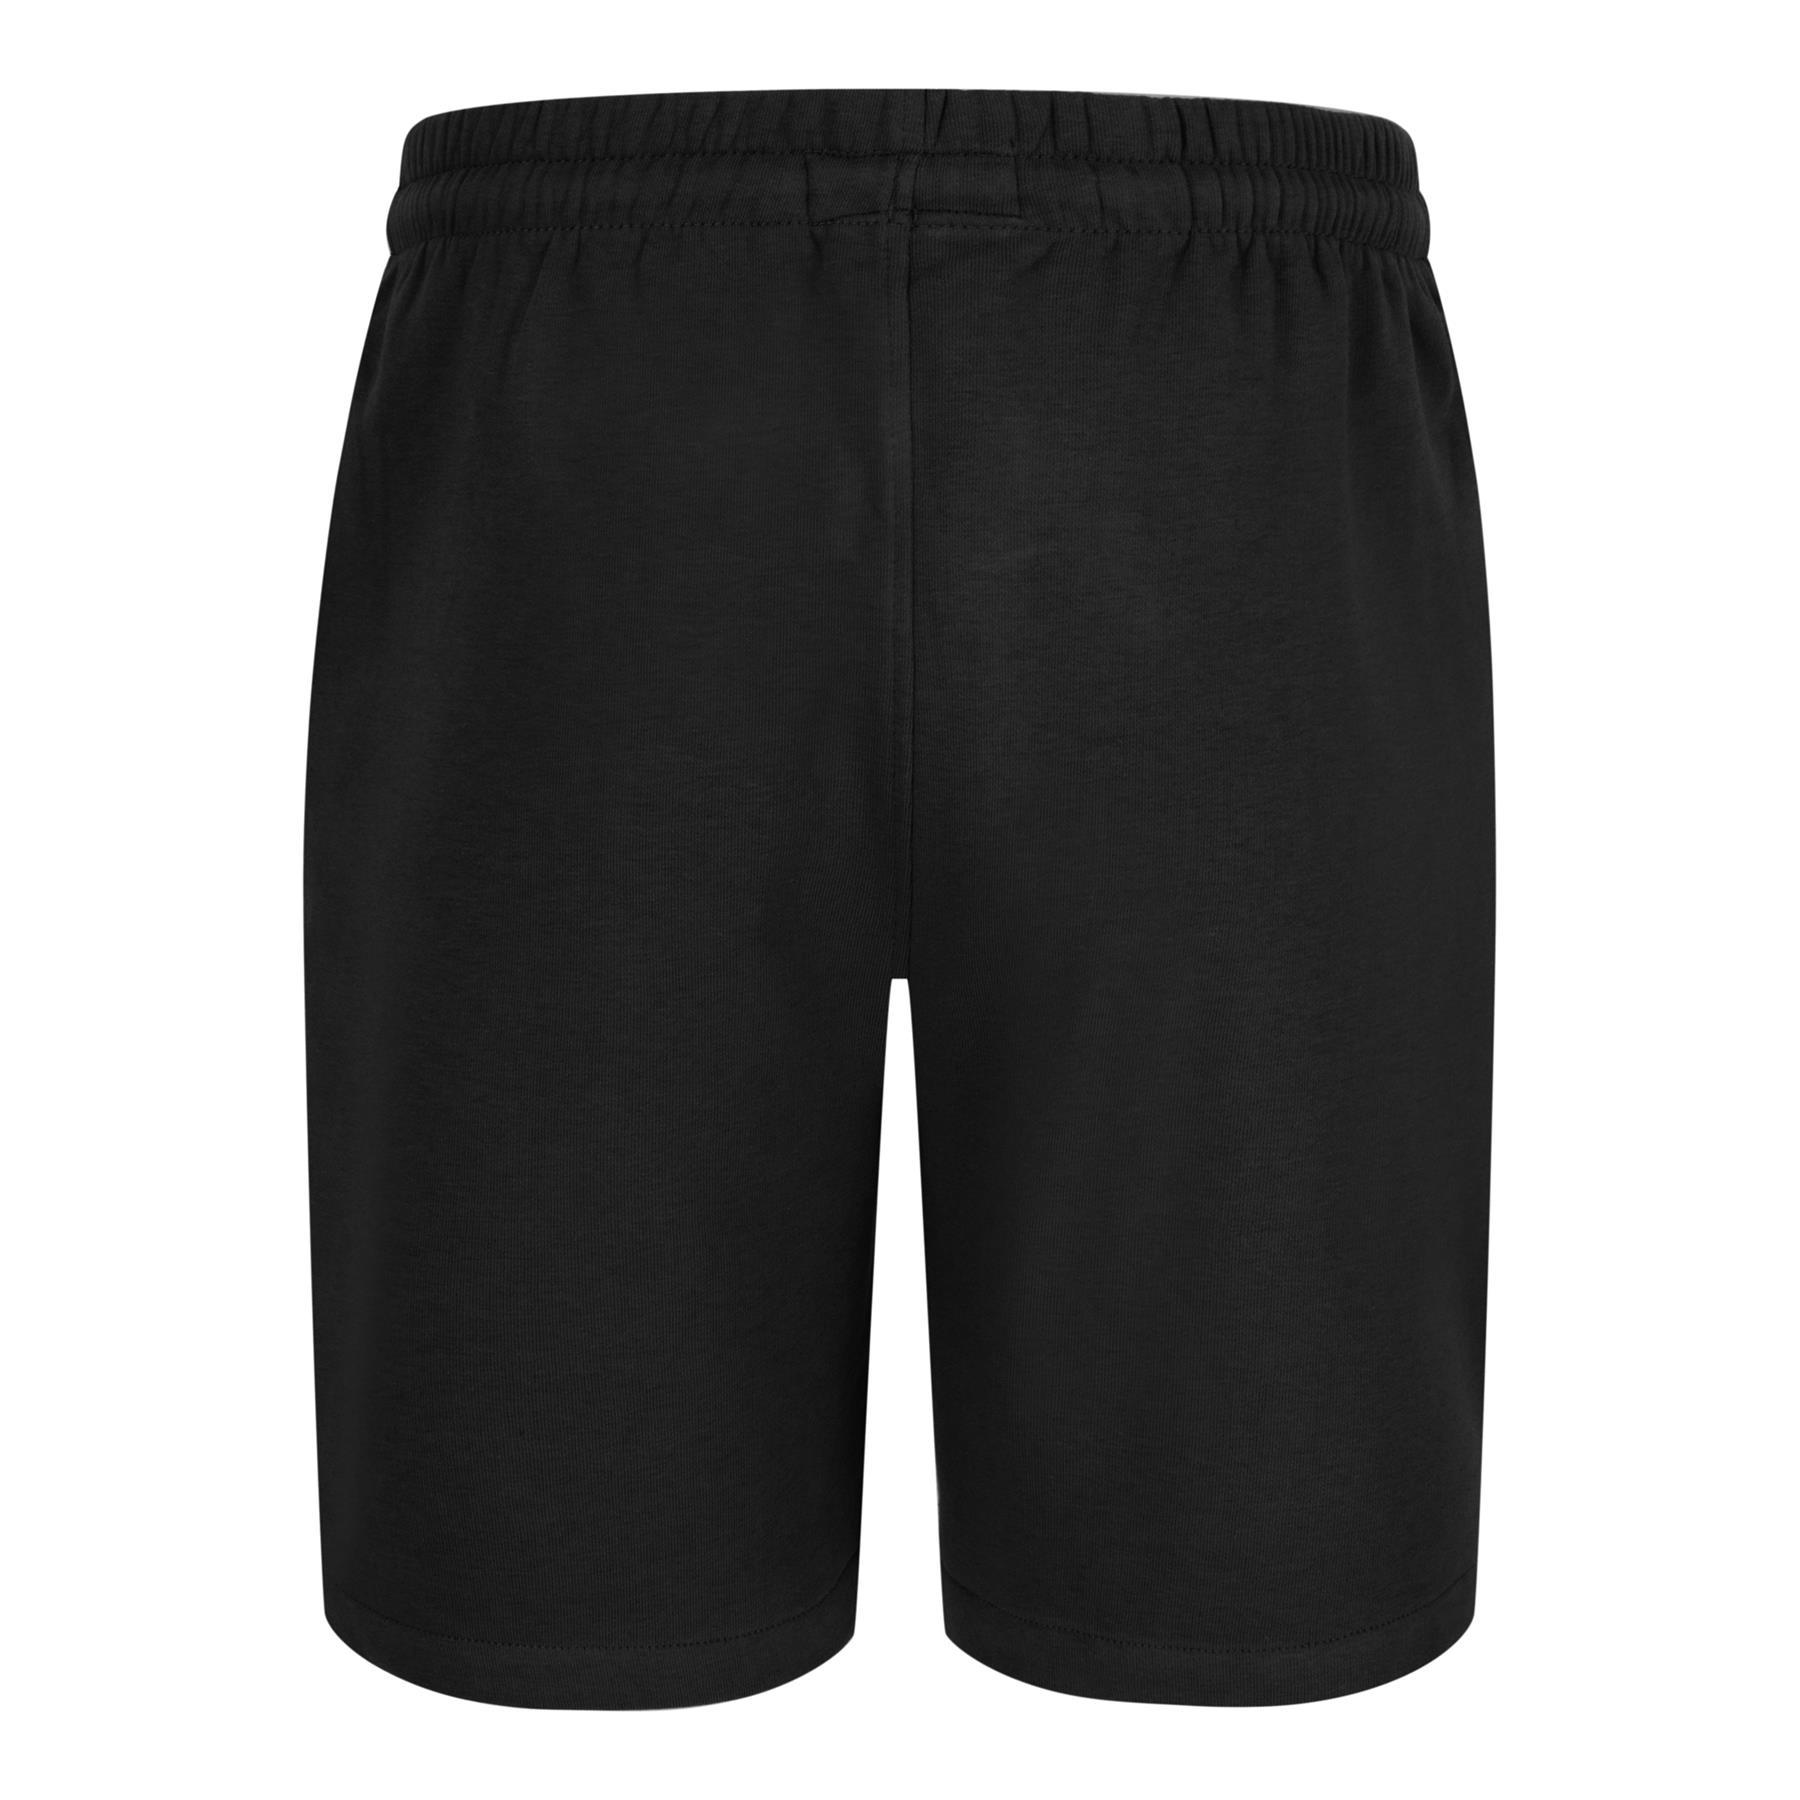 Garcons-Enfants-Jersey-Short-En-Coton-Ete-Decontracte-Premium-taille-elastique-Plage-Ete miniature 3